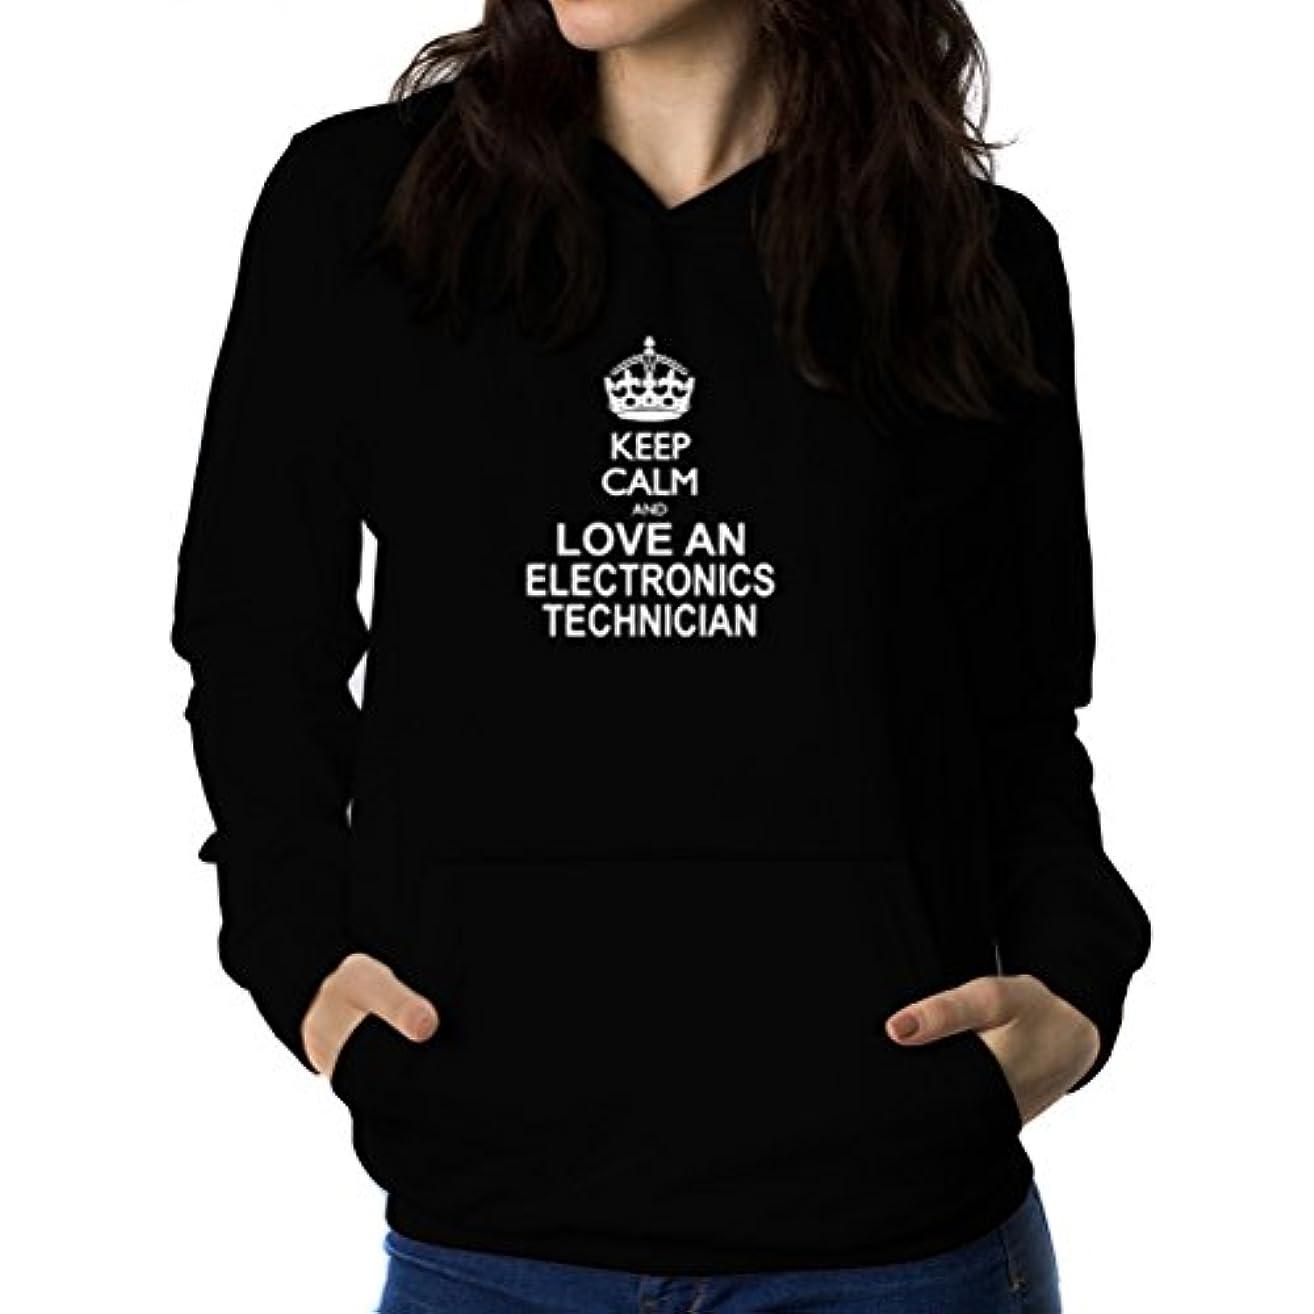 損傷送金魅了するKeep calm and love a Electronics Technician 女性 フーディー